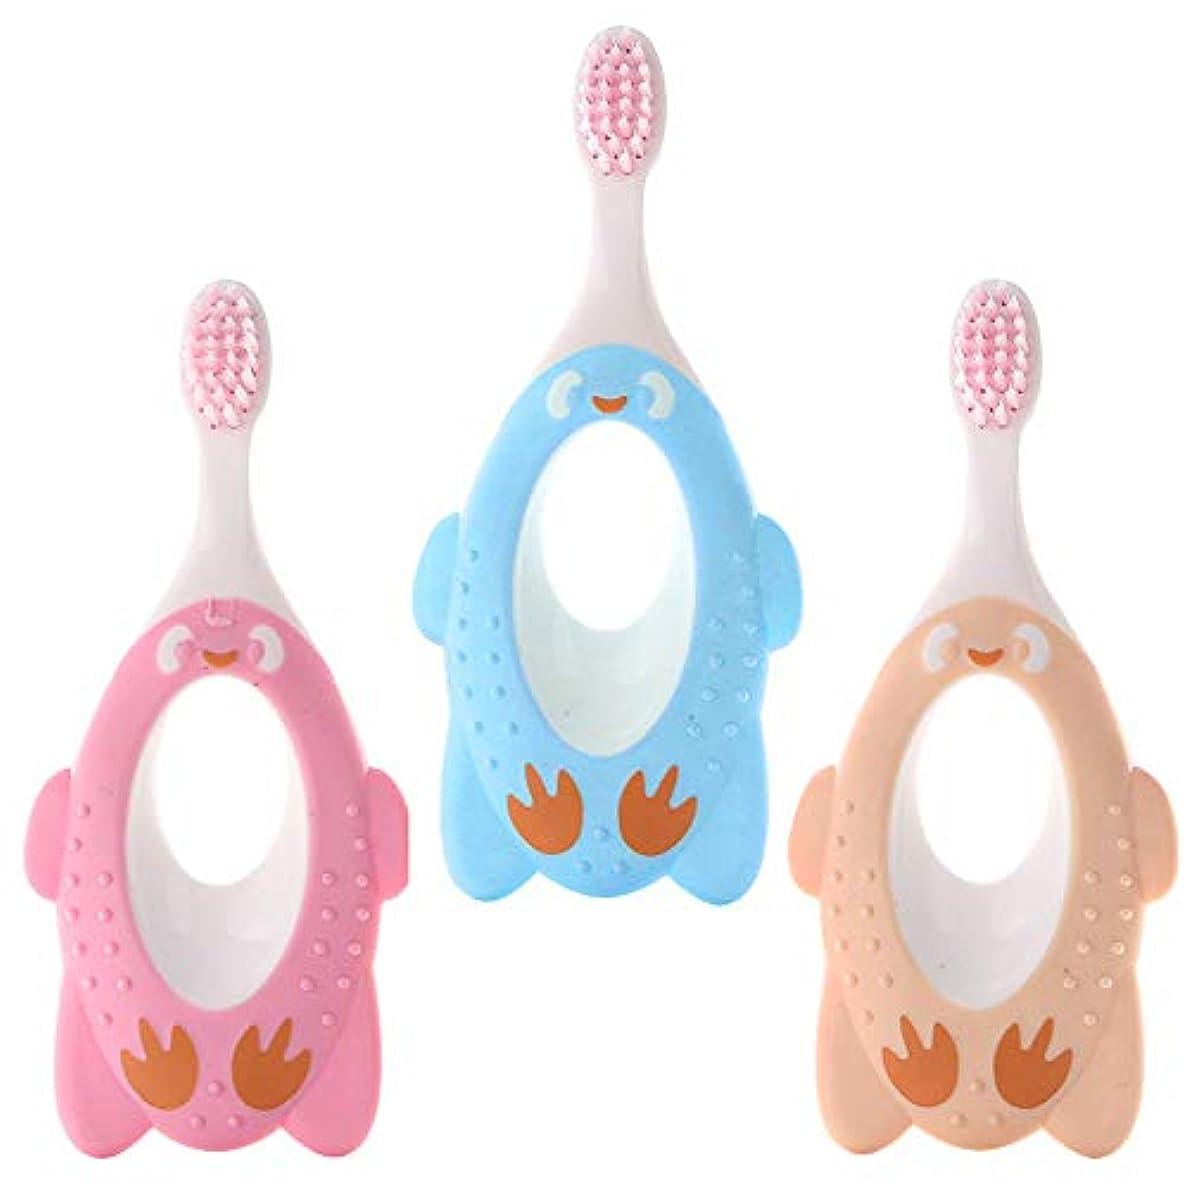 開発飛躍生む子供歯ブラシ 歯ブラシ 可愛い 漫画 柔らかい 歯 きれい 3本入